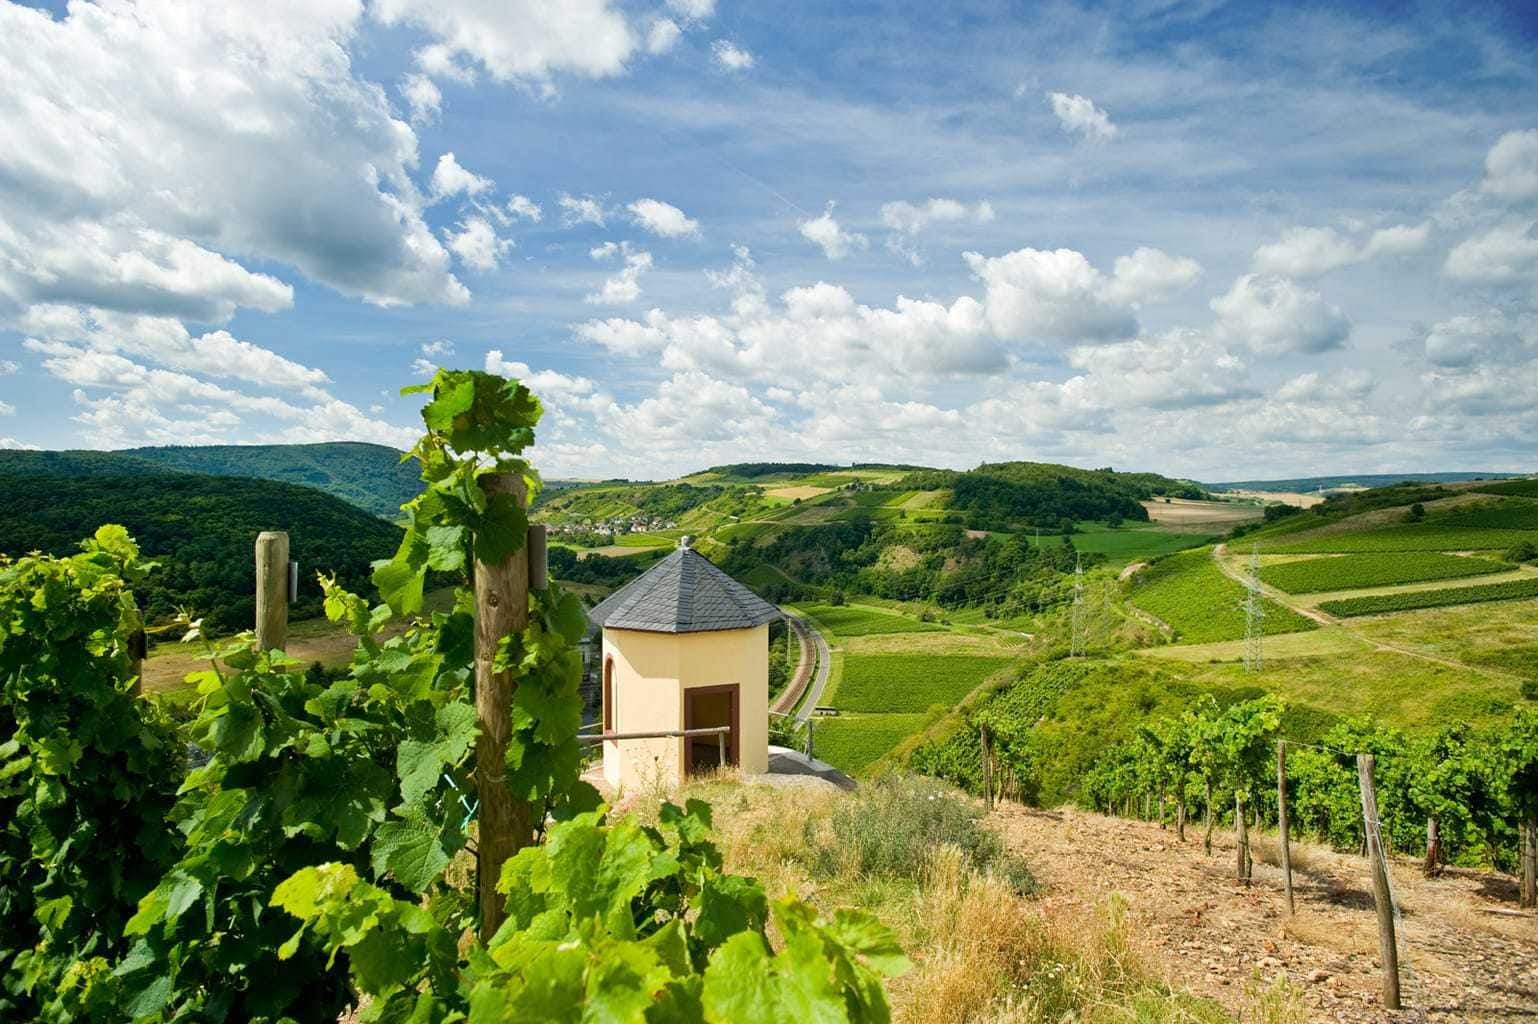 Een romantische wijnberg in de buurt van de Nahe in Rijnland-Palts